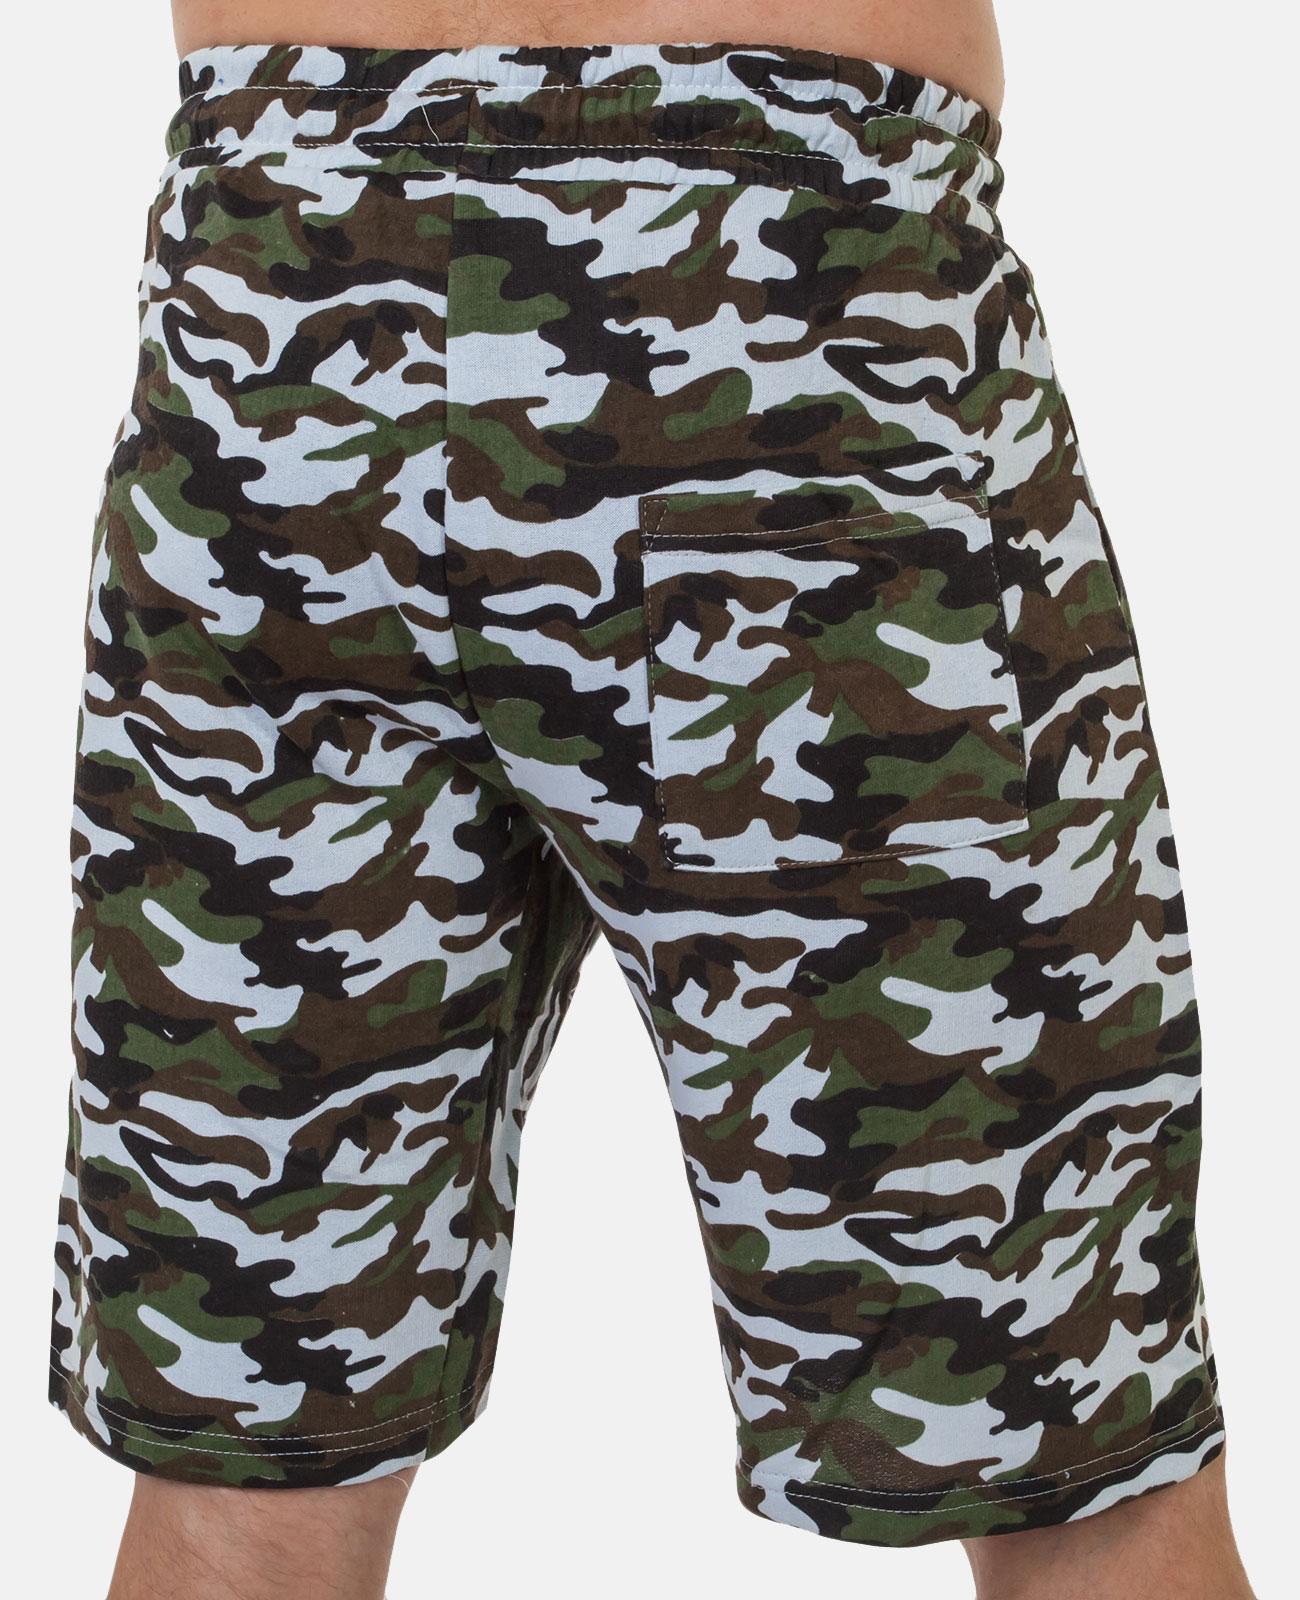 Мужские милитари шорты с нашивкой ВКС - купить оптом